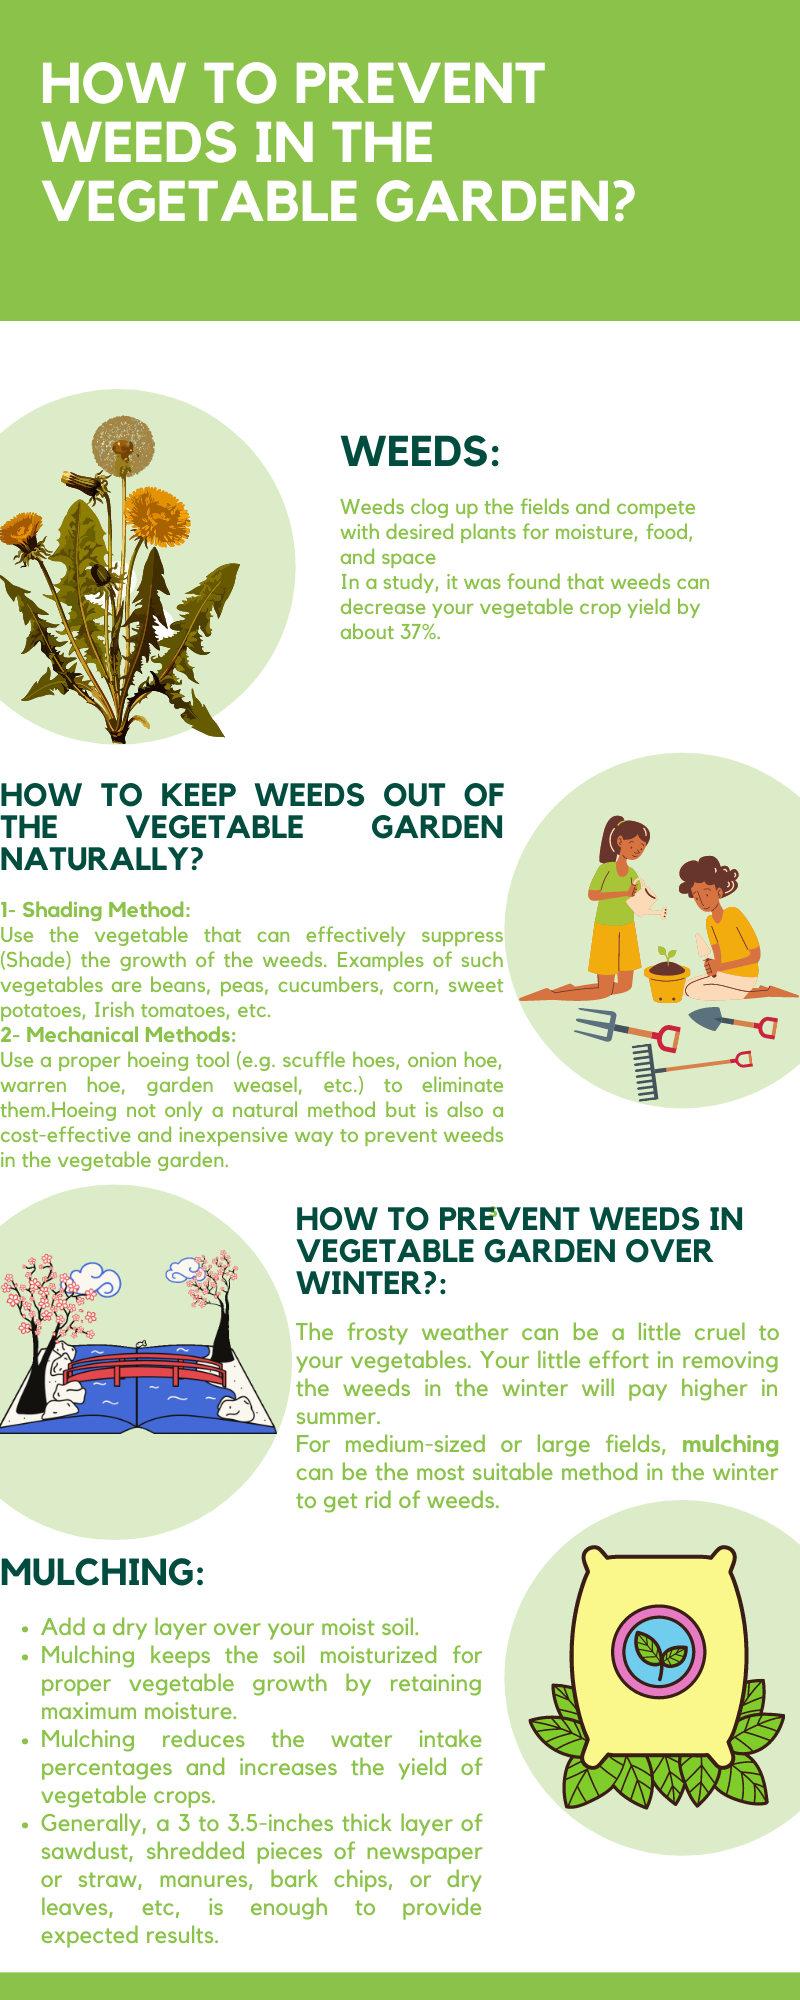 Ways to Prevent Weeds in the Vegetable Garden